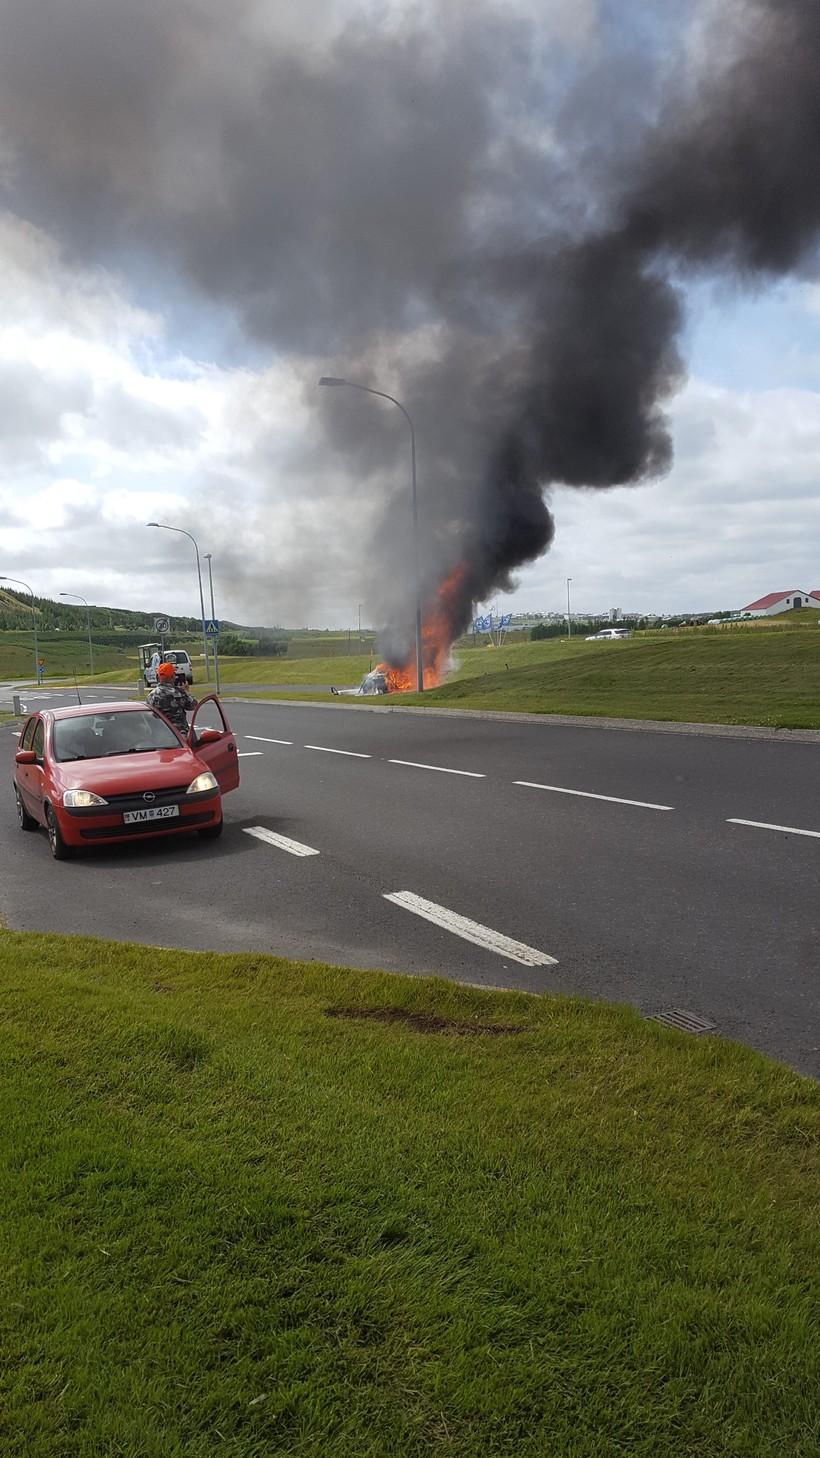 Golfbíllinn brann rétt hjá Lágafellslaug í Mosfellsbæ.